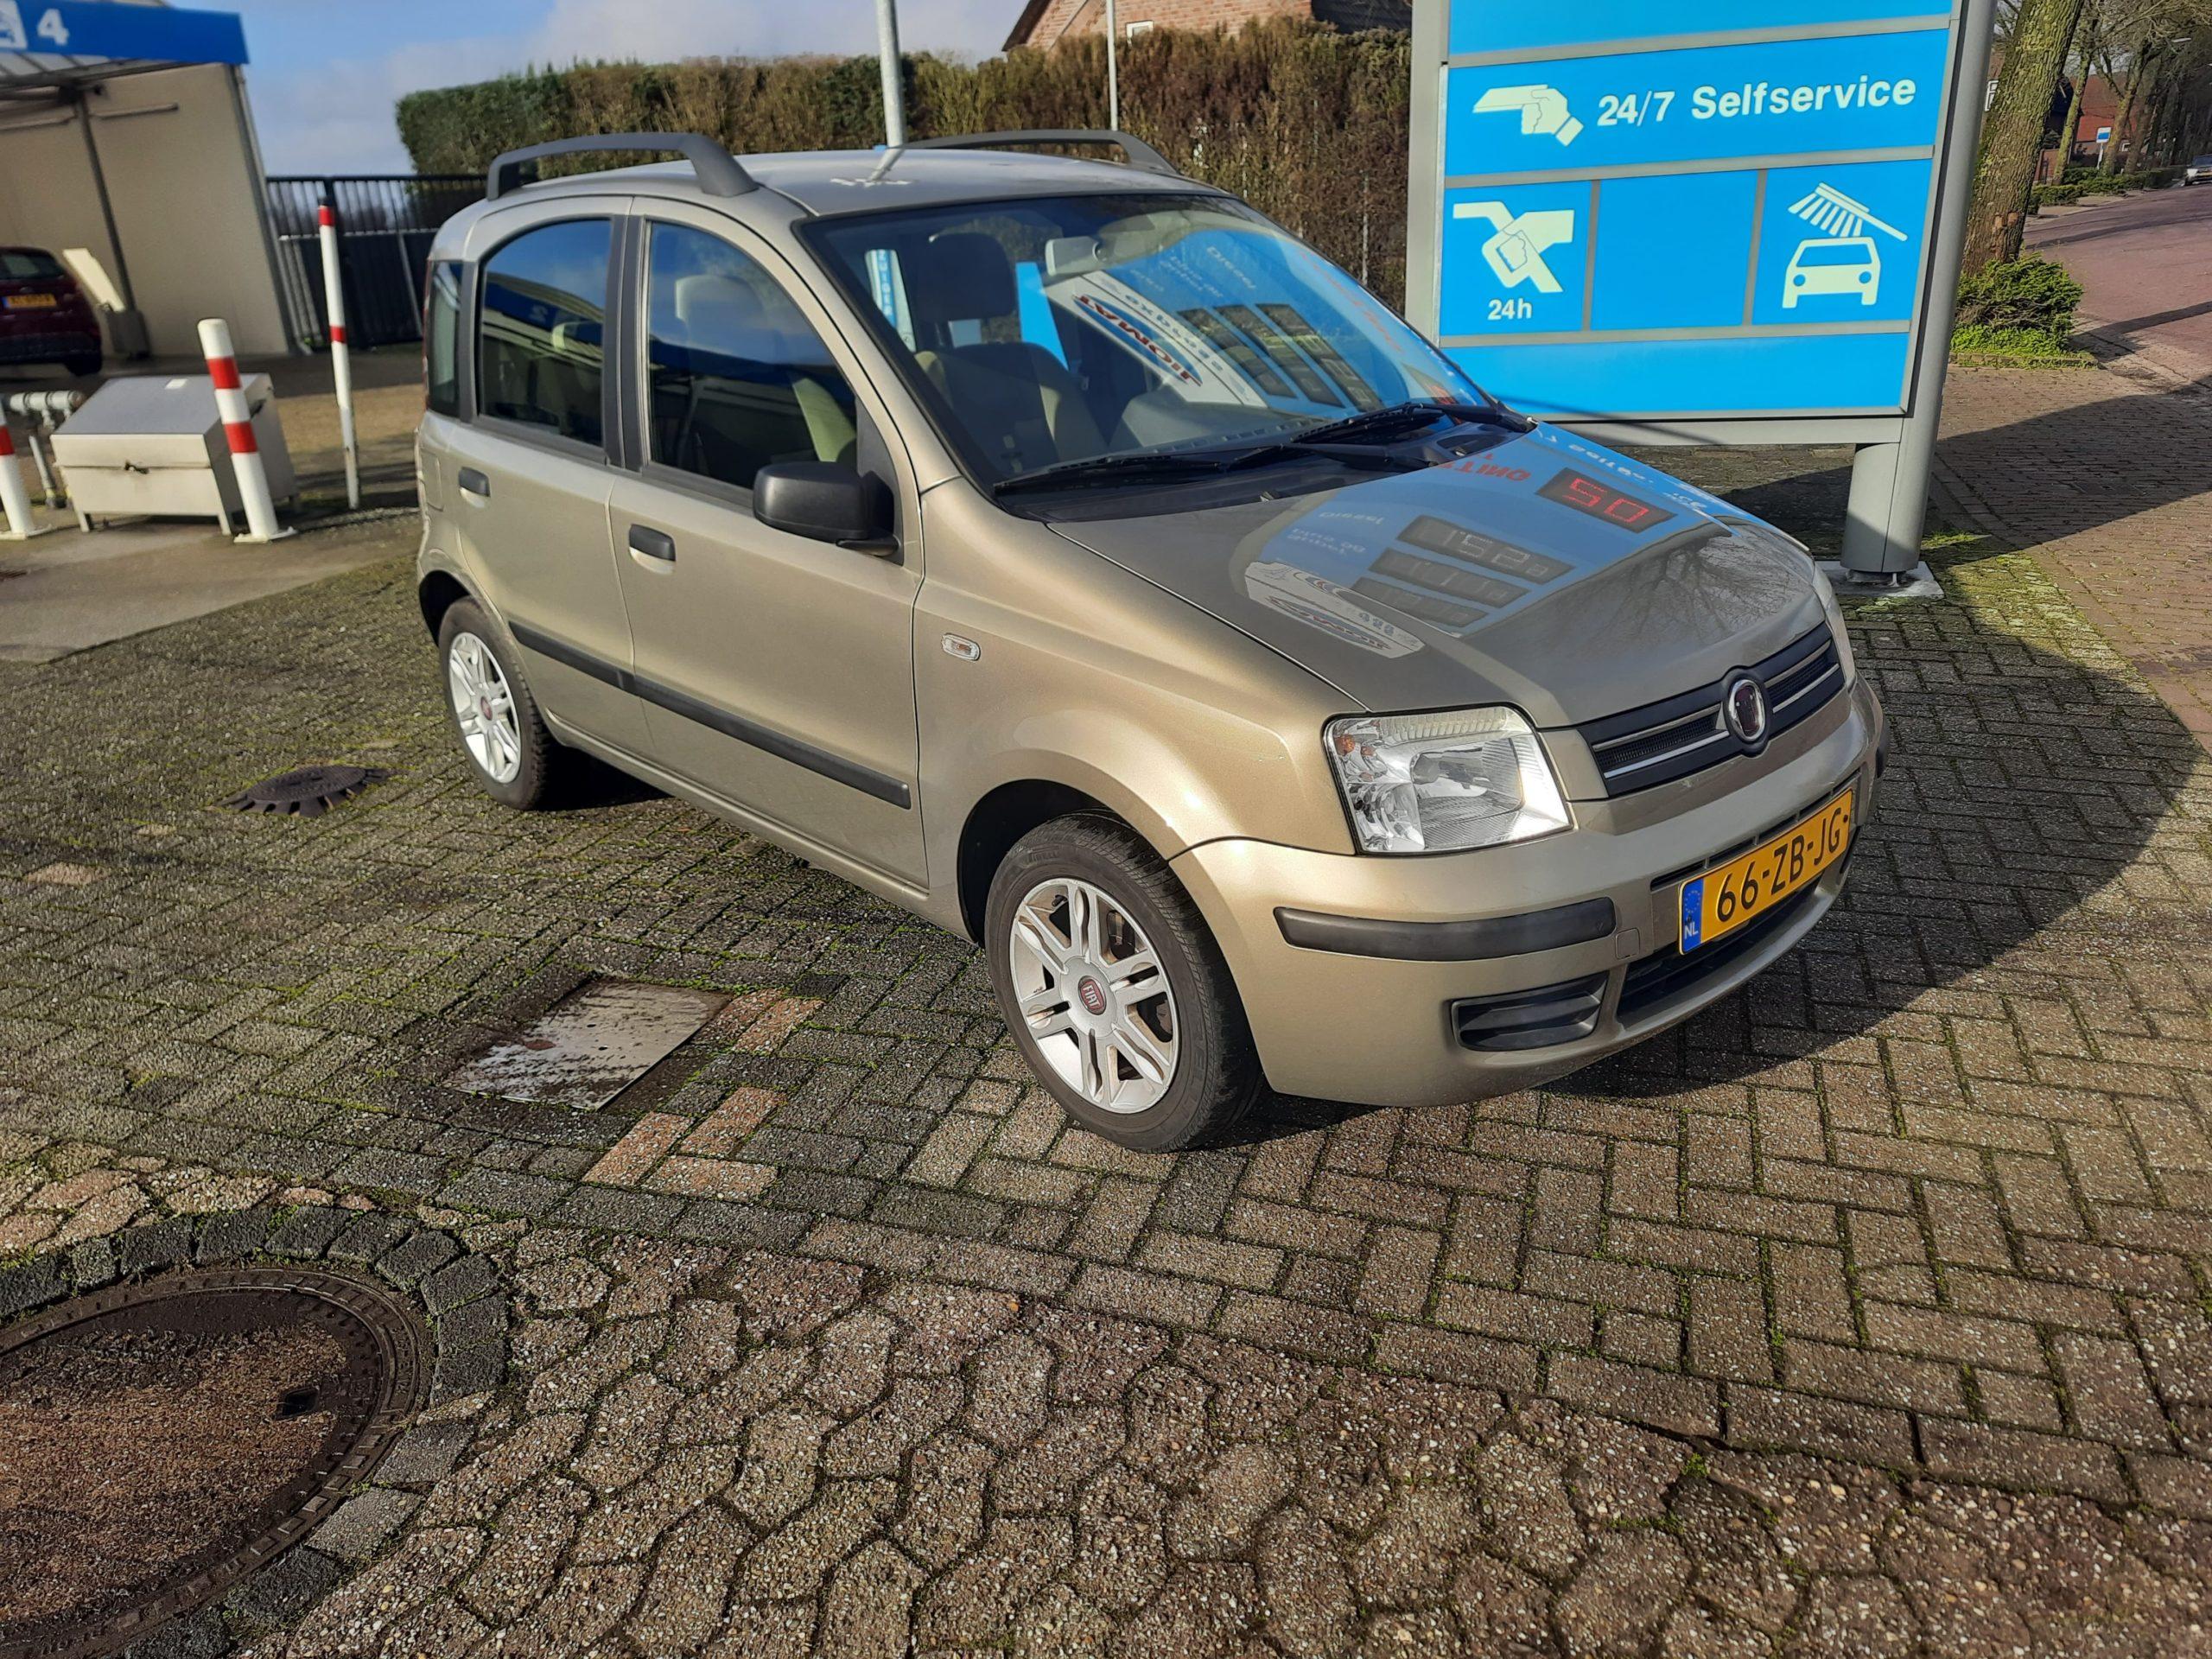 Fiat Panda 1.2  2007 ECC (VERKOCHT)